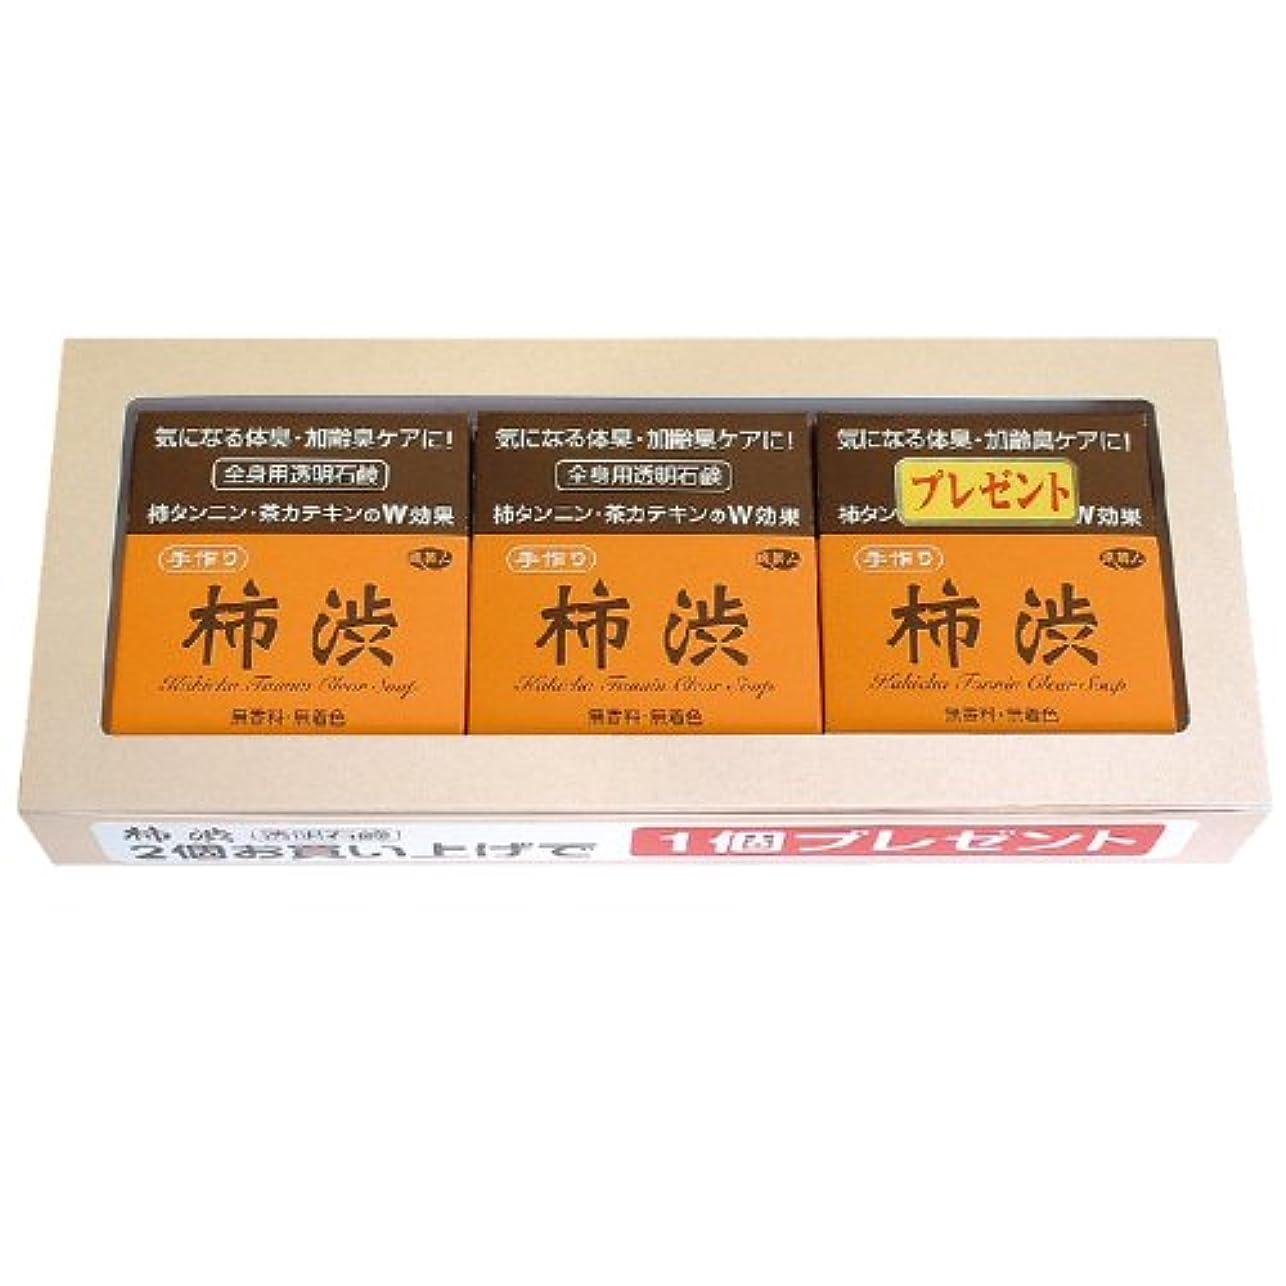 腹熟読する変化アズマ商事の 柿渋透明石鹸 2個の値段で3個入りセット